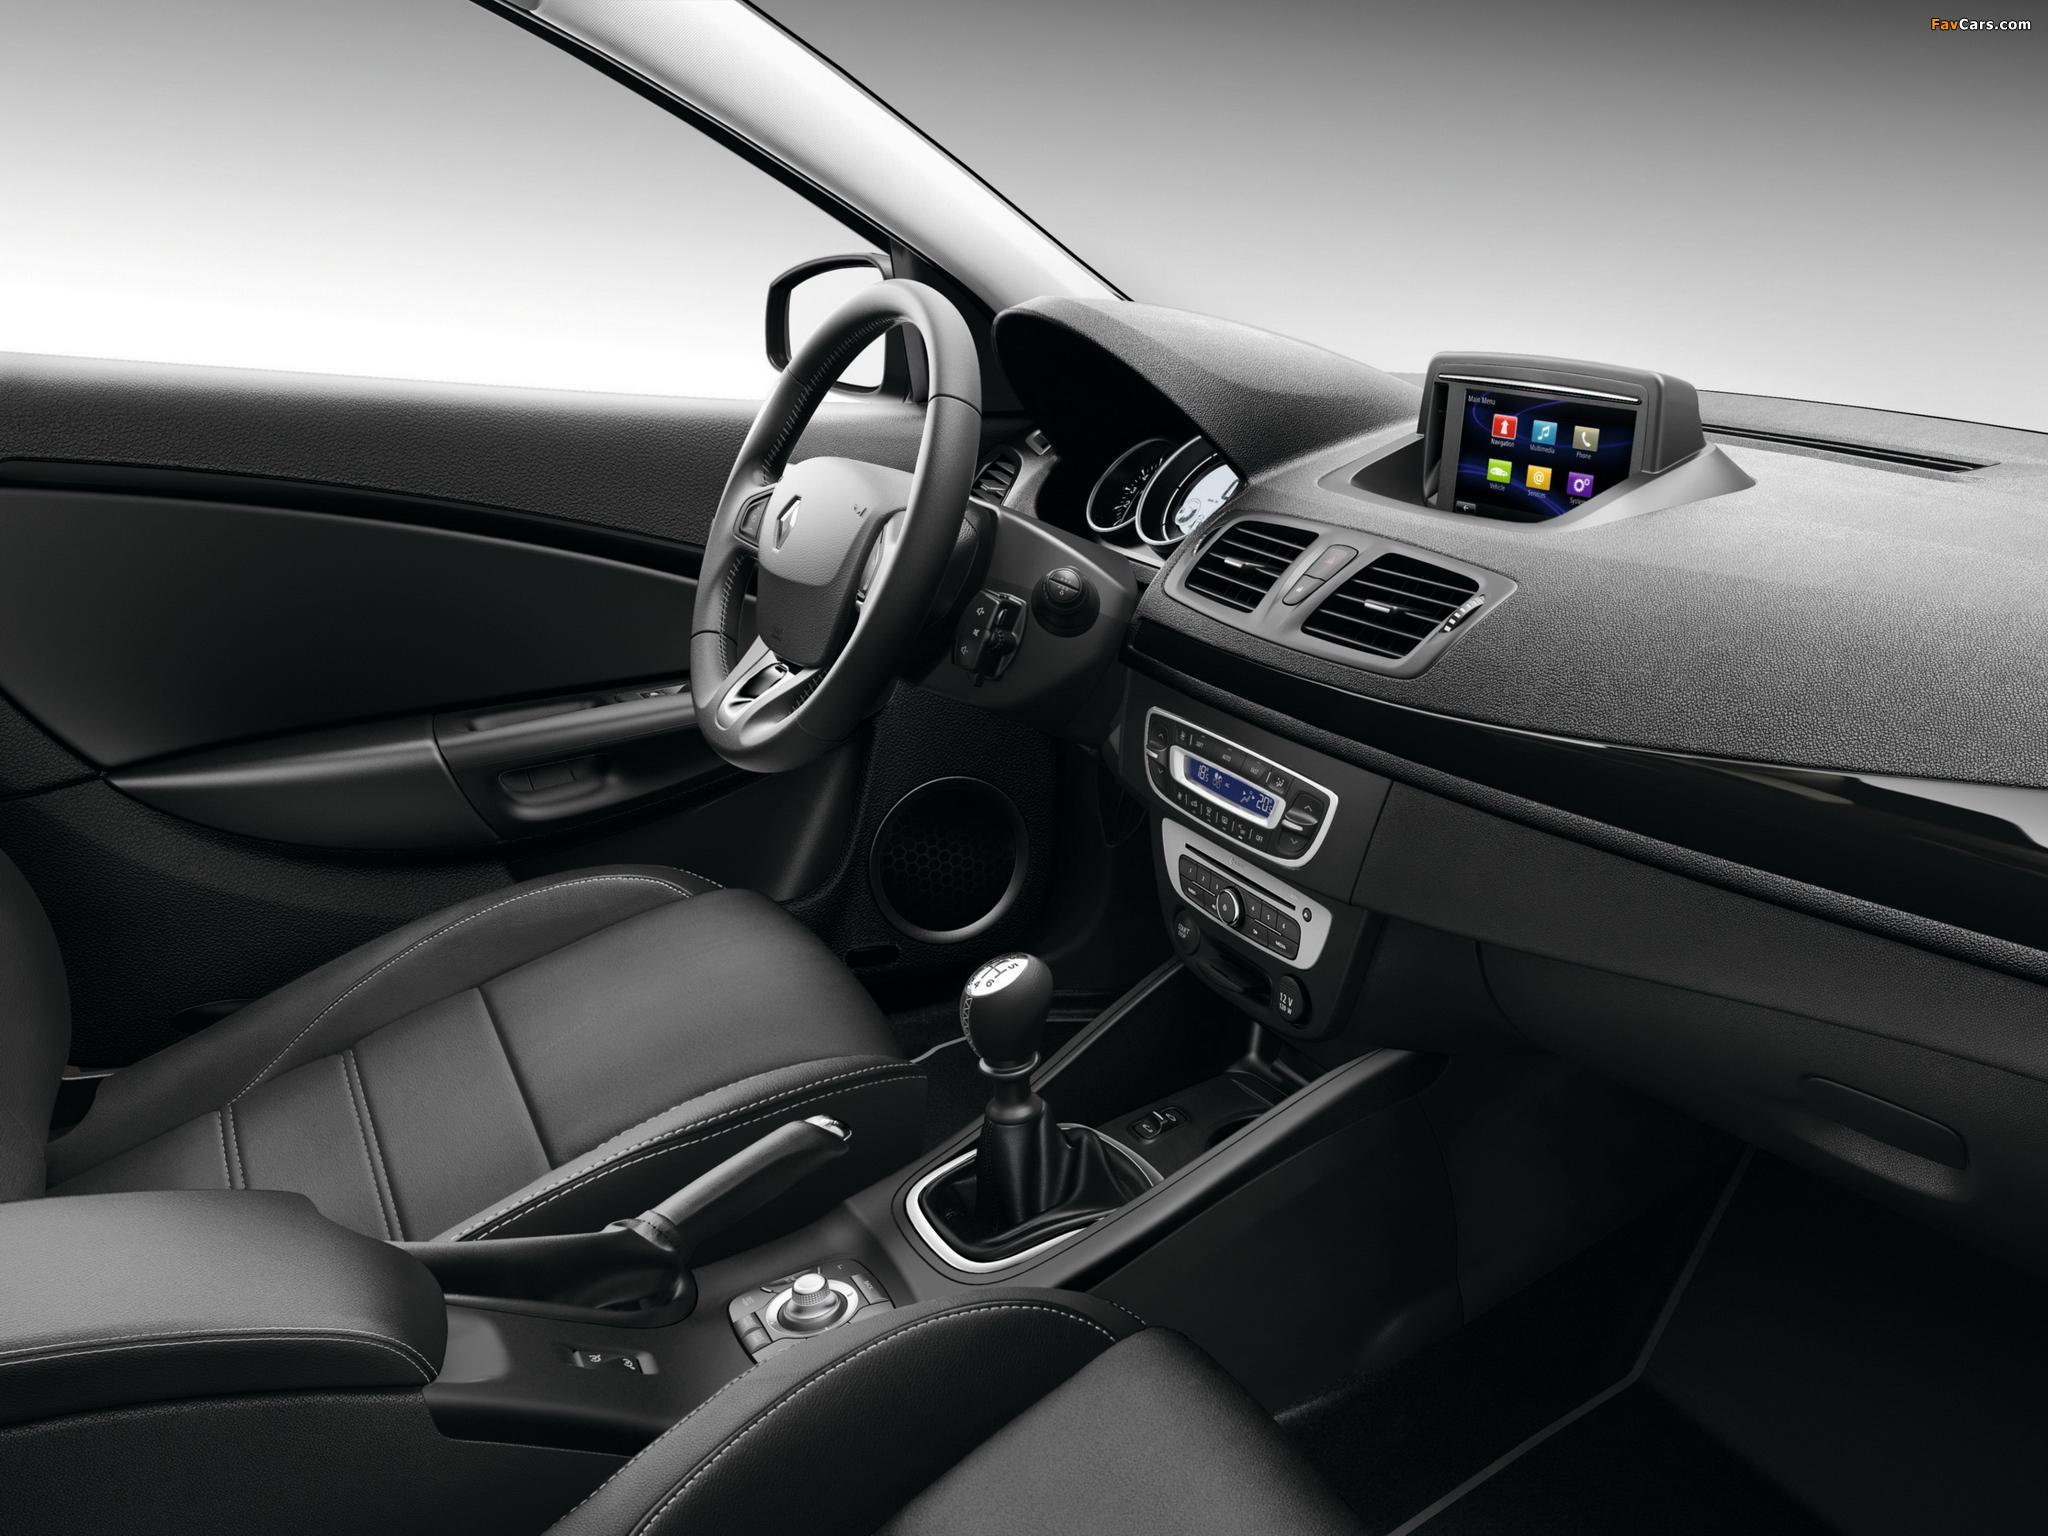 Renault Mégane Coupé-Cabriolet 2014 images (2048 x 1536)